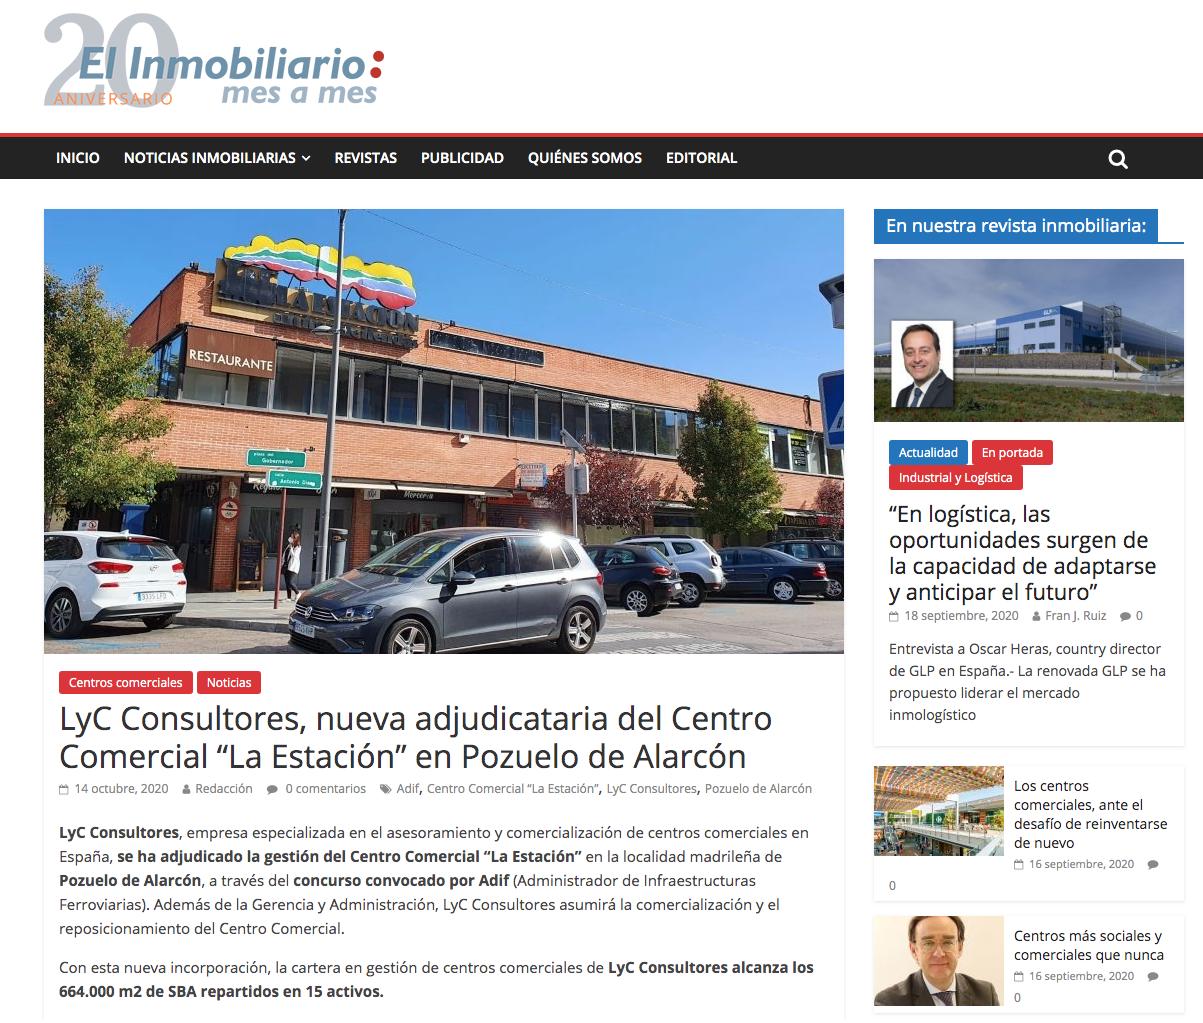 """LyC Consultores, nueva adjudicataria del Centro Comercial """"La Estación"""" en Pozuelo de Alarcón"""